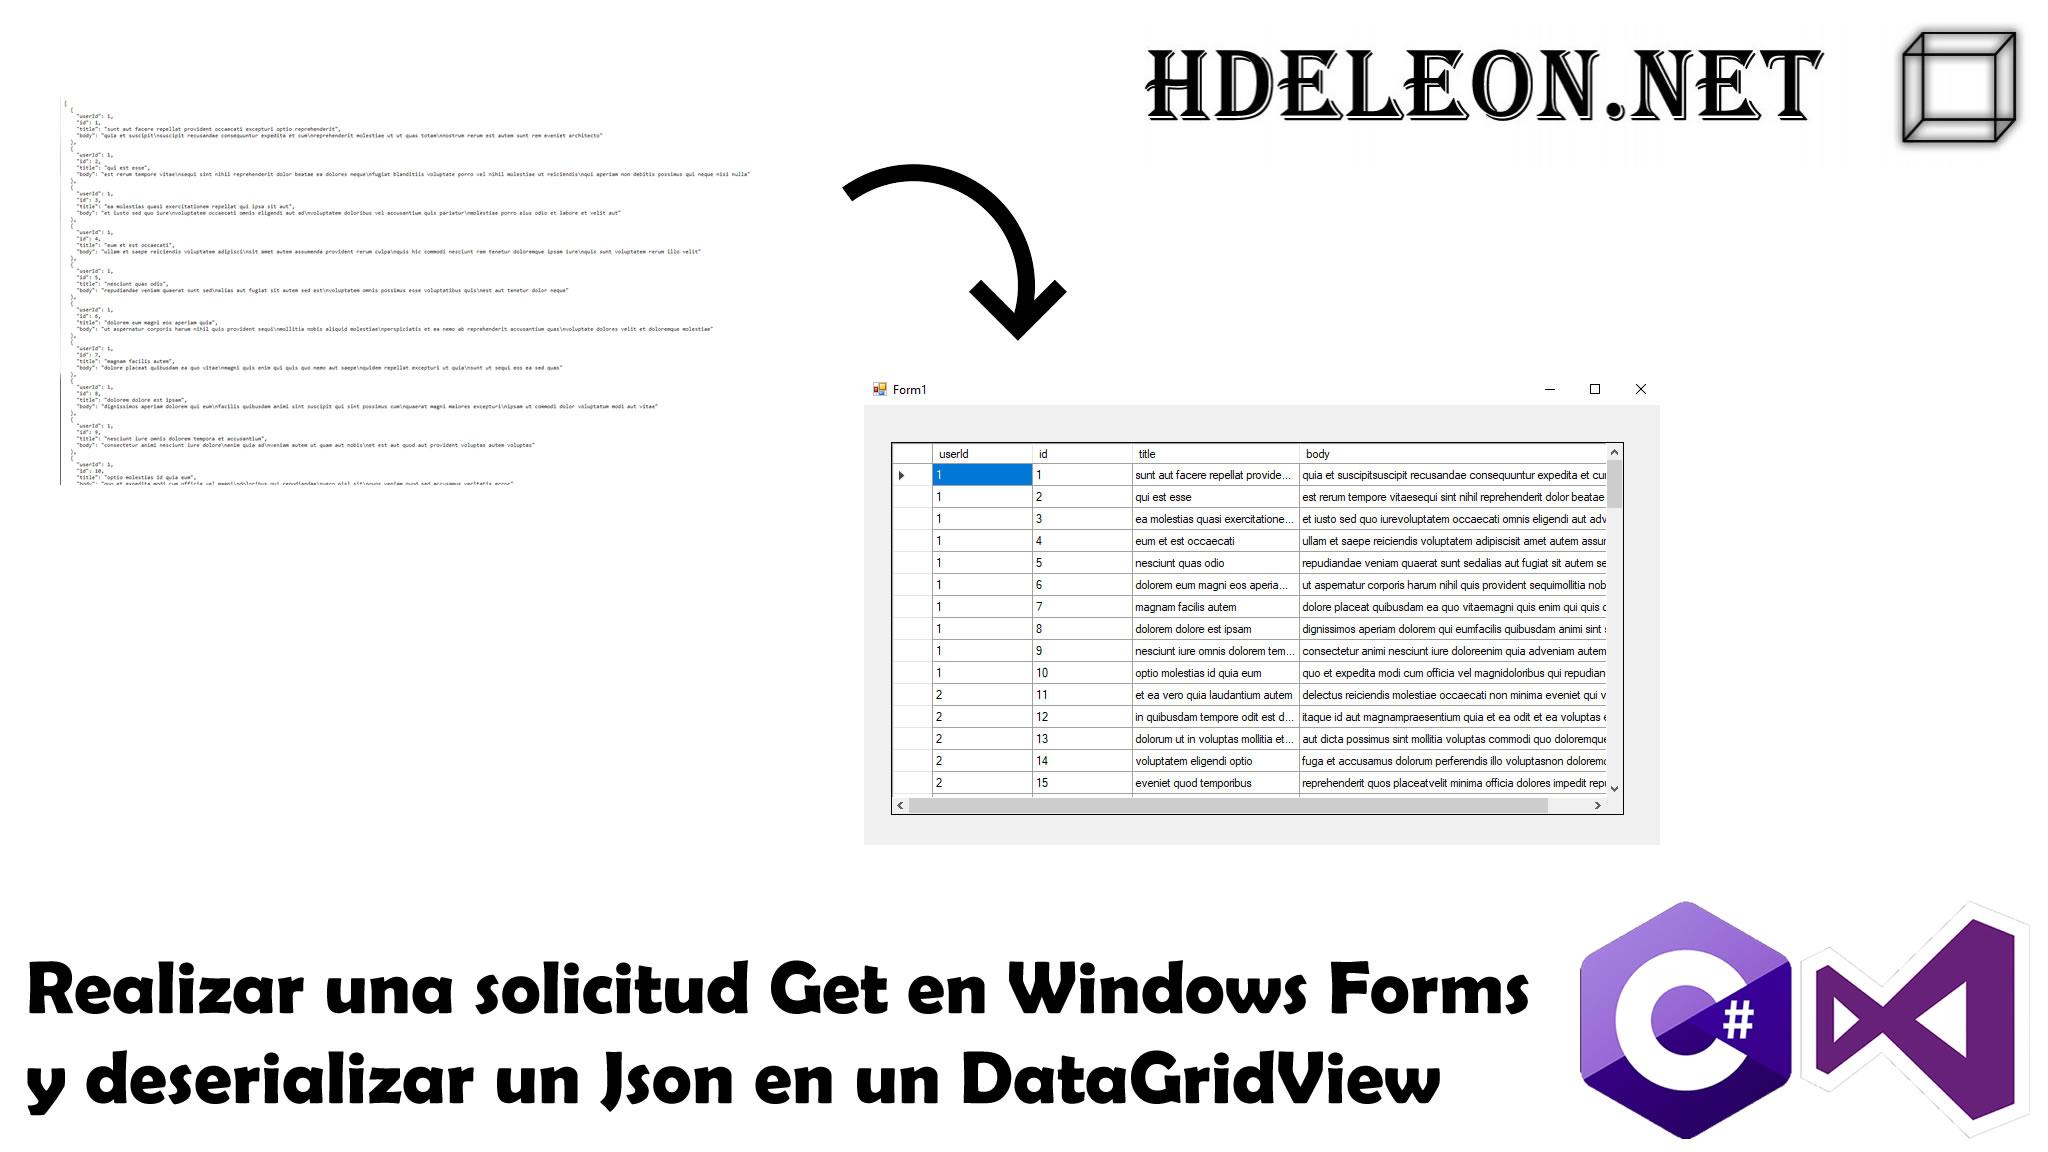 Realizar una solicitud Get en Windows Forms y deserializar un Json en un DataGridView